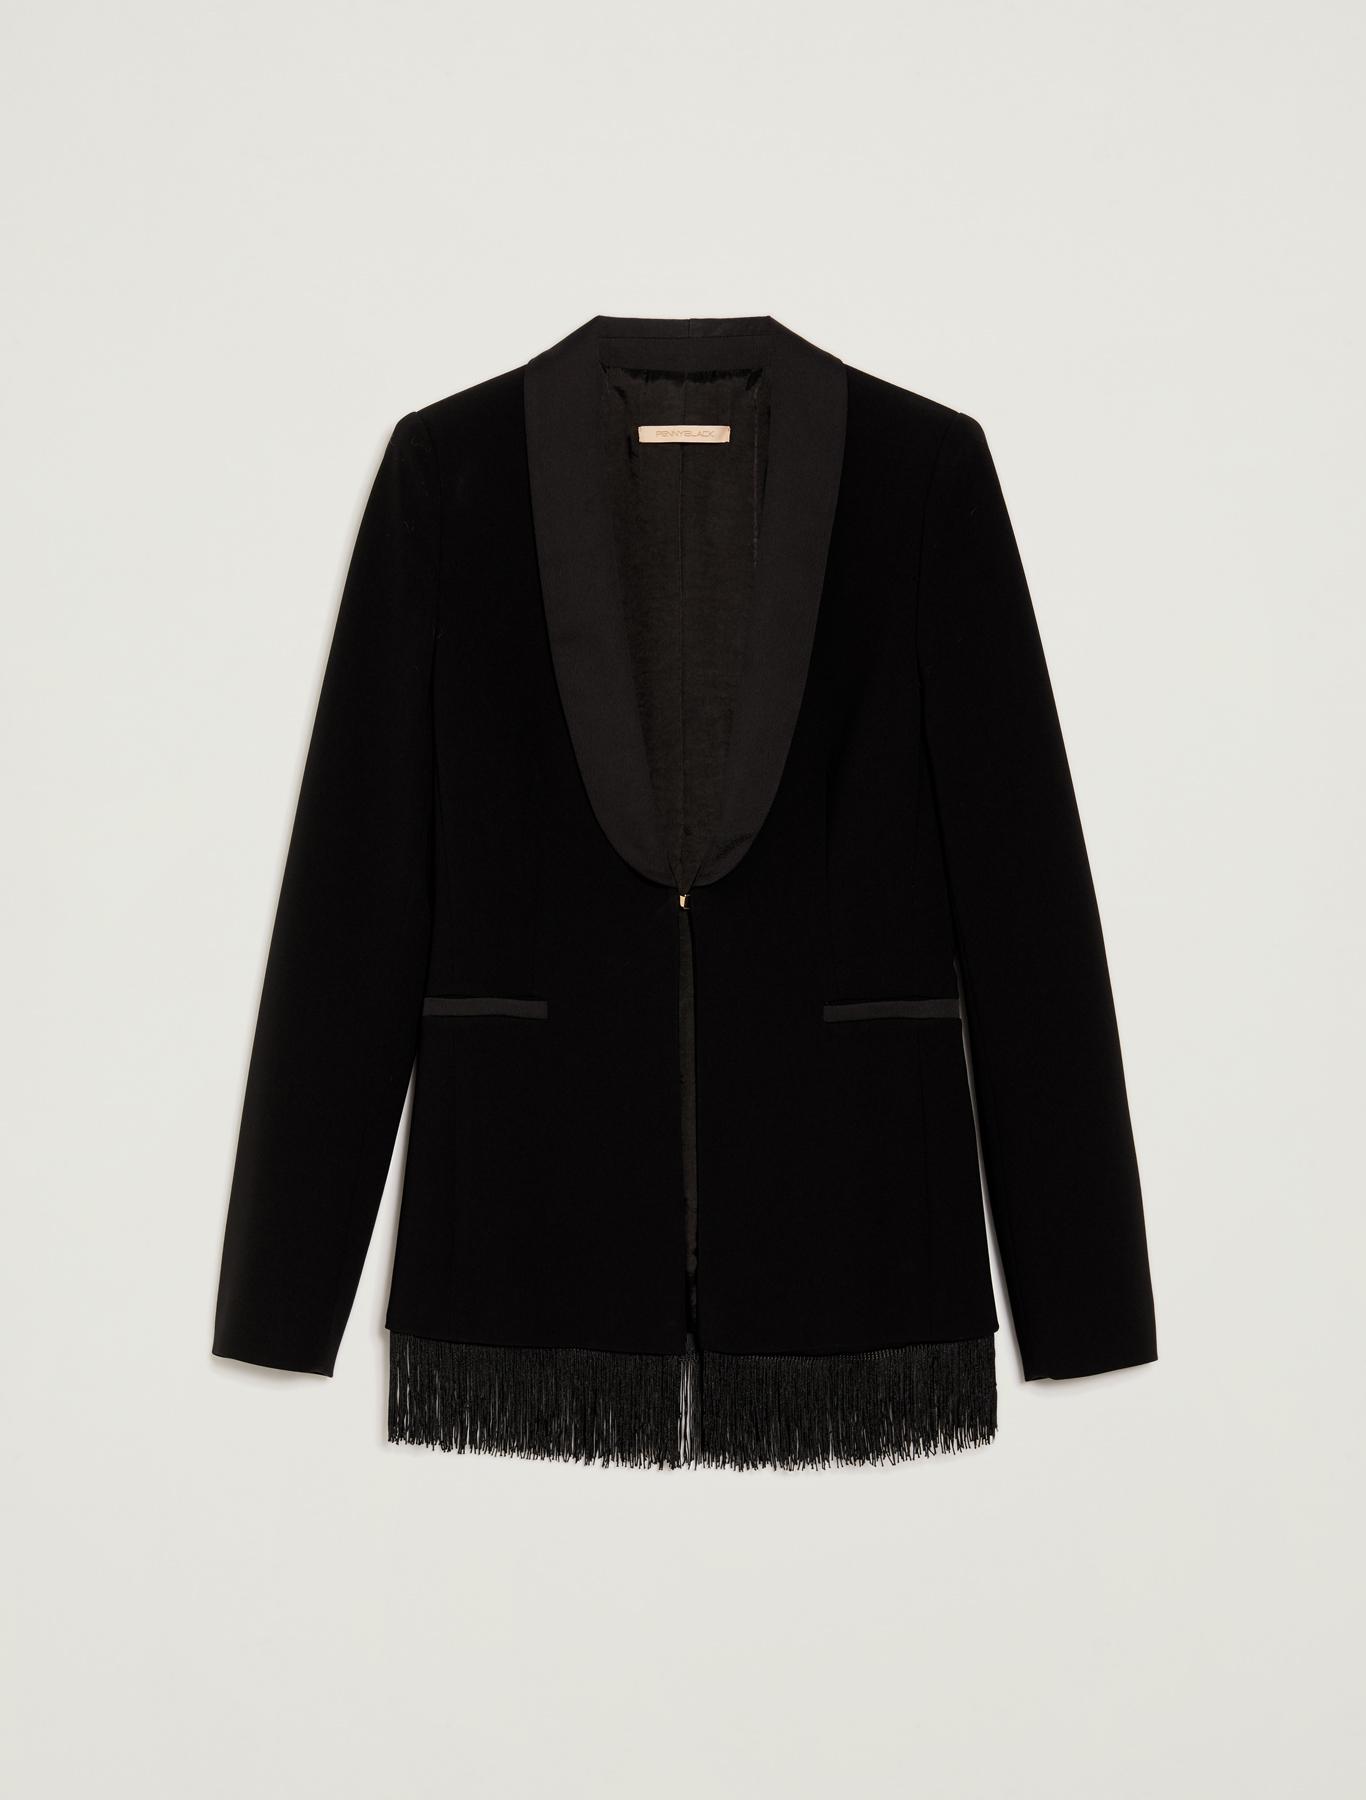 Tuxedo blazer with fringes - black - pennyblack